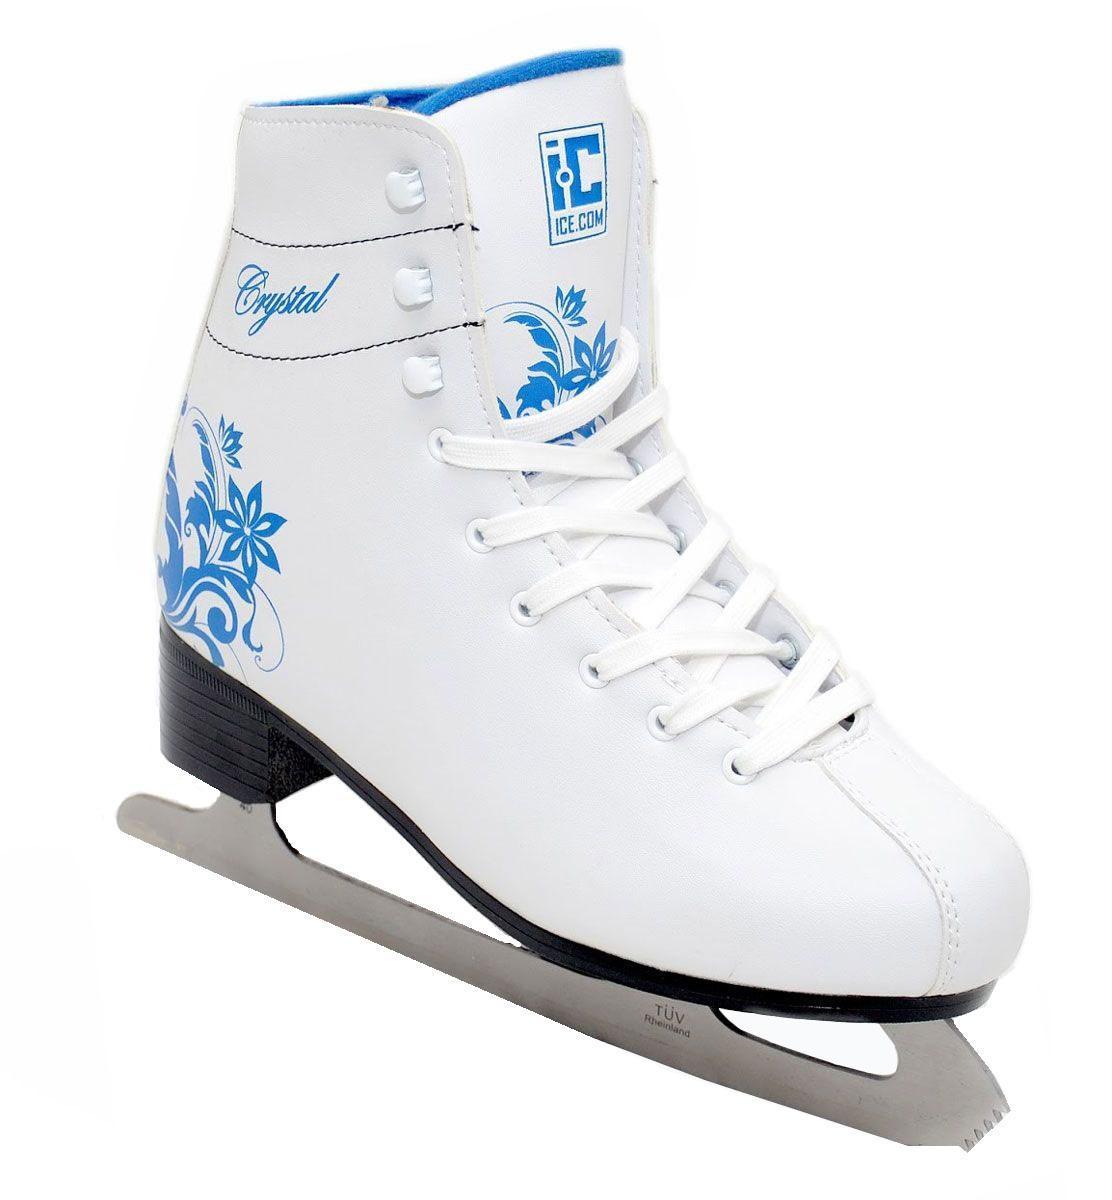 Коньки фигурные женские Ice.Com Crystal, цвет: синий, белый. Размер 39CrystalКоньки фигурные женские Ice.Com Crystal 2014-2015 с высоким классическим ботинком идеально подойдут для начинающих. Конструкция ботинка разработана специально с учетом того, что нога при катании должна находиться в полусогнутом состоянии, а голень имеет небольшой наклон вперед. Верх ботинка выполнен из морозостойкой искусственной кожи, подошва - морозостойкий ПВХ. Стальное никелированное высокопрочное лезвие сертифицировано TUV. Для того, чтобы вам максимально точно подобрать размер коньков, узнайте длину стопы с точностью до миллиметра. Для этого поставьте босую ногу на лист бумаги А4 и отметьте на бумаге самые крайние точки вашей стопы (пятка и носок). Затем измерьте обычной линейкой расстояние (до миллиметра) между этими отметками на бумаге. Не забудьте учесть 2-3 мм запаса под носок.